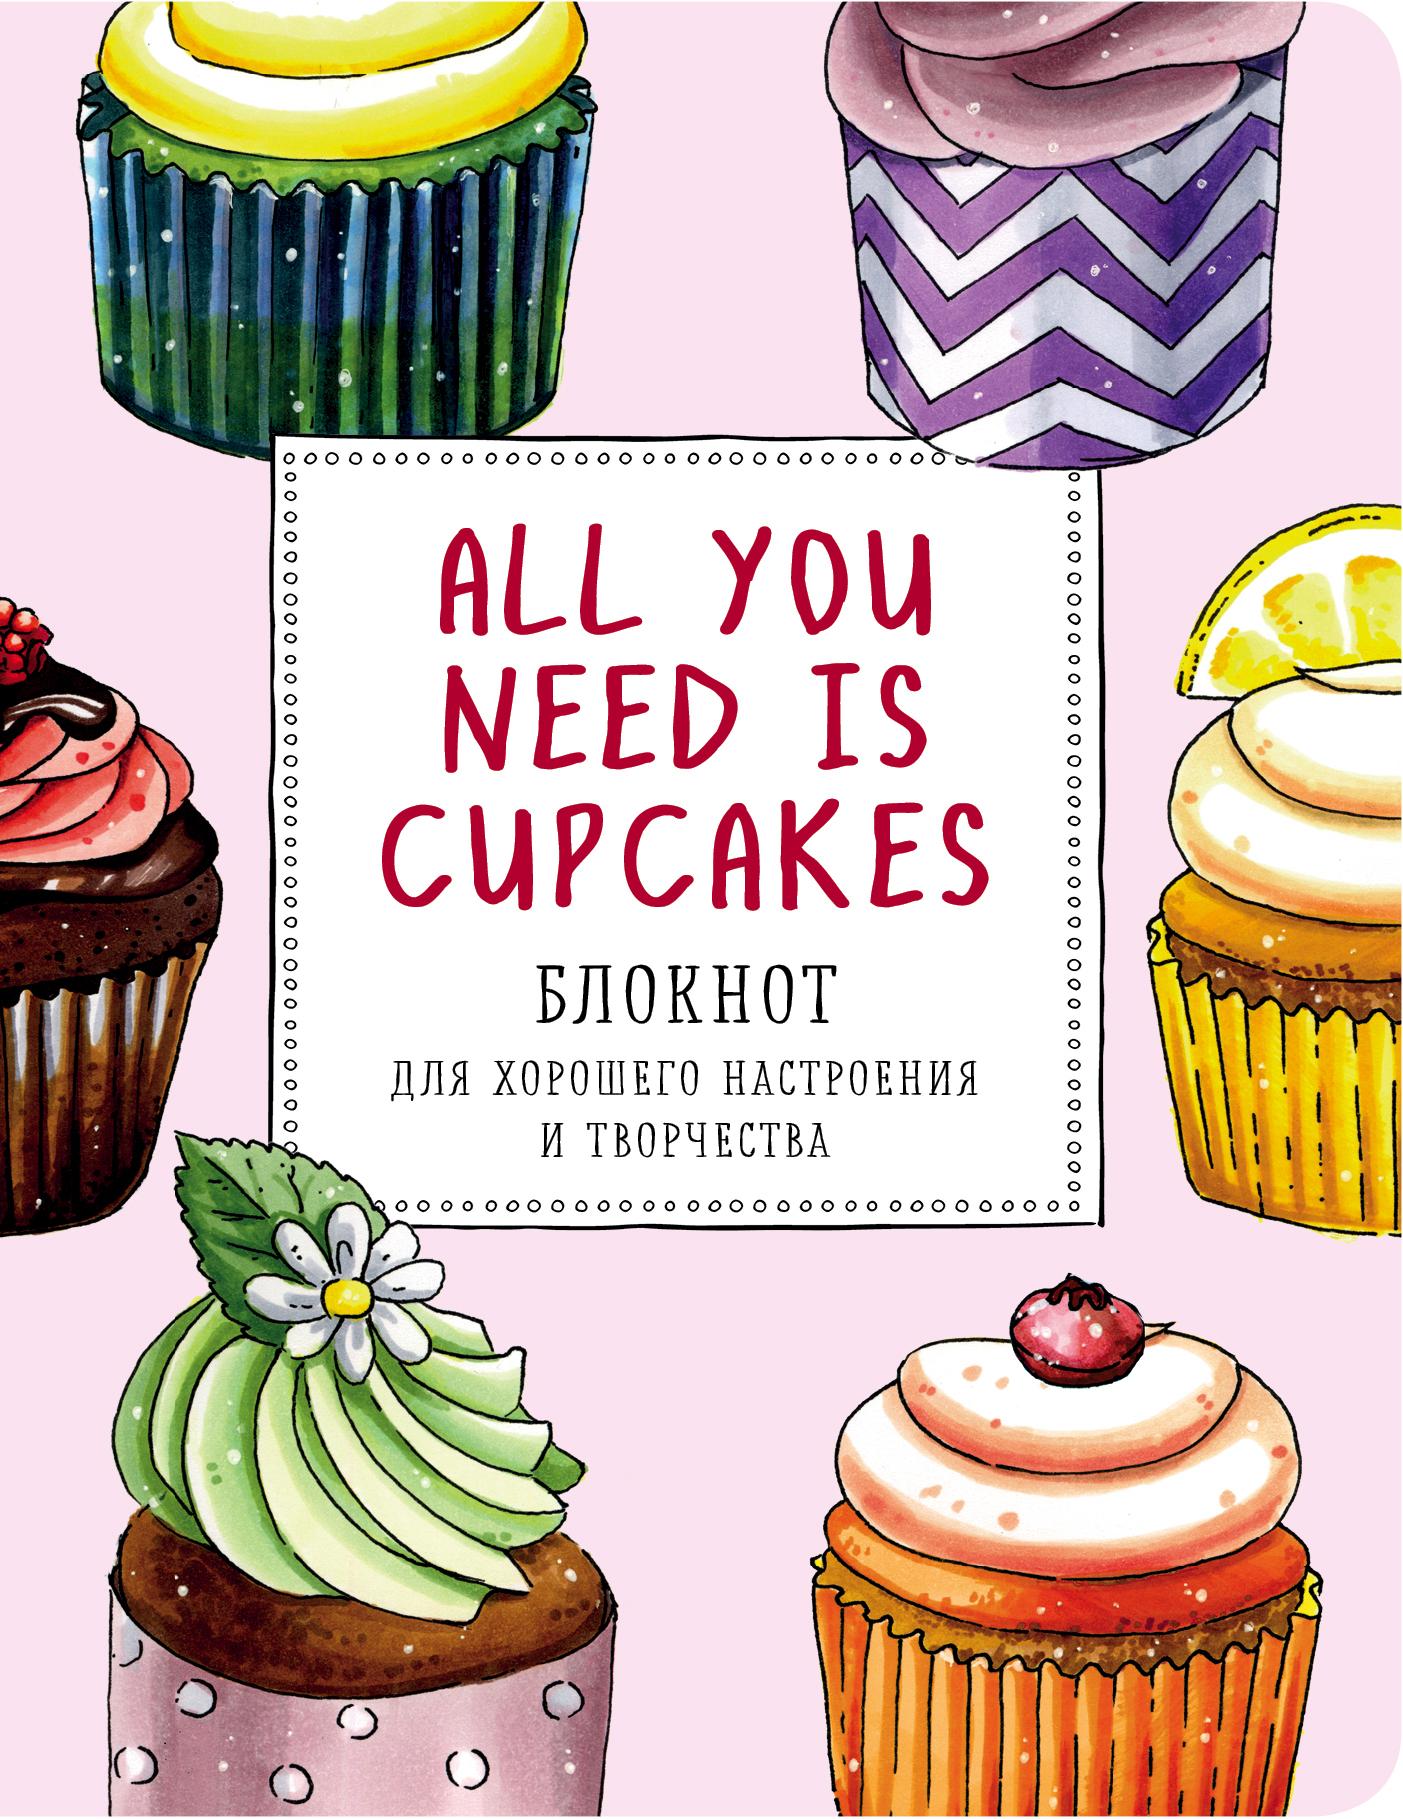 All you need is cupcakes. Блокнот для хорошего настроения и творчества